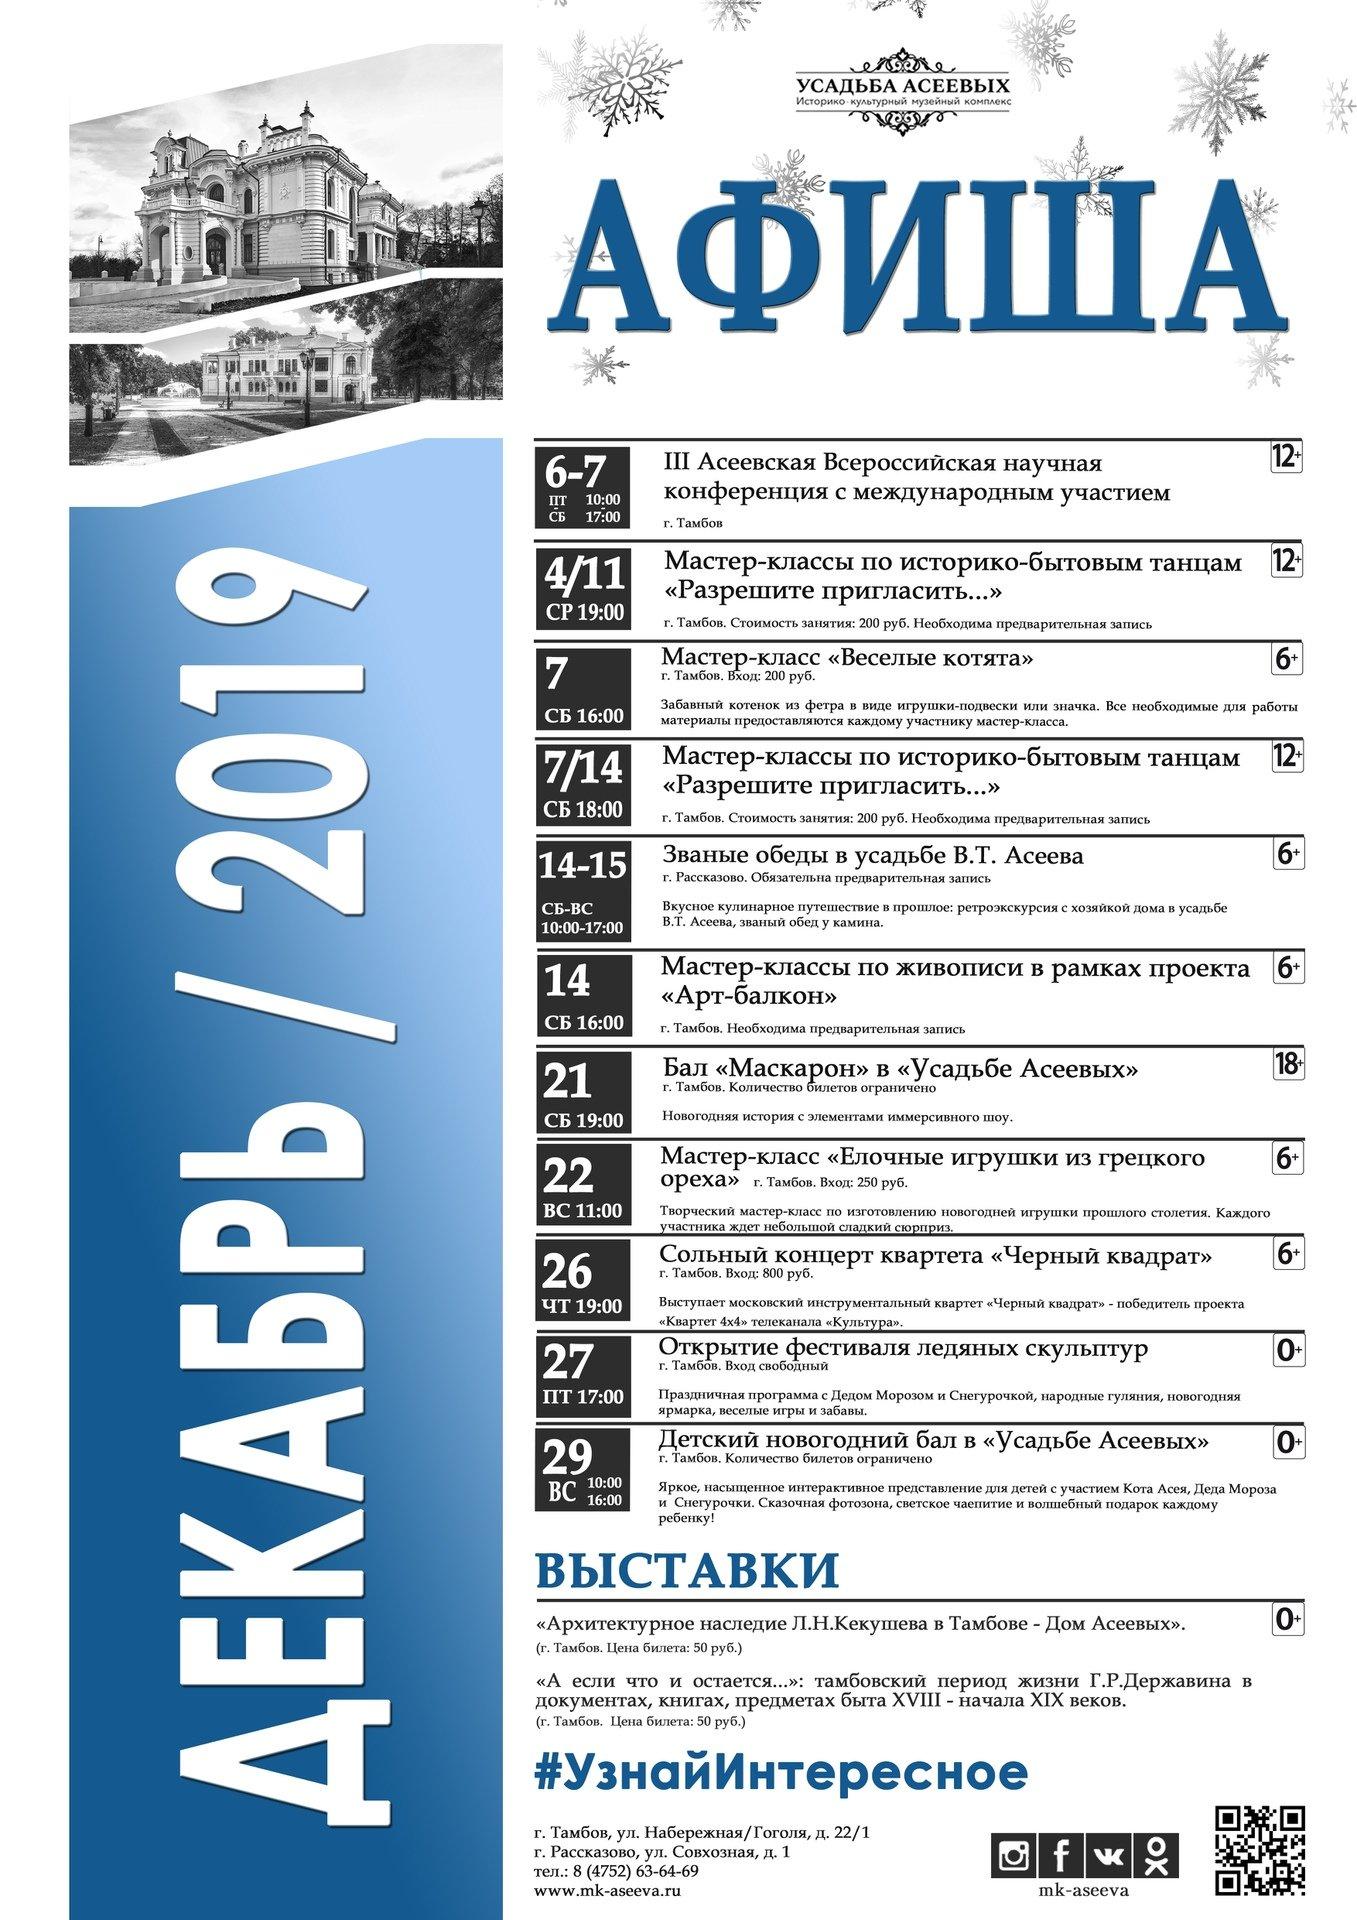 Фестиваль ледяных скульптур в усадьбе Асеевых в Тамбове откроют 27 декабря, фото-1